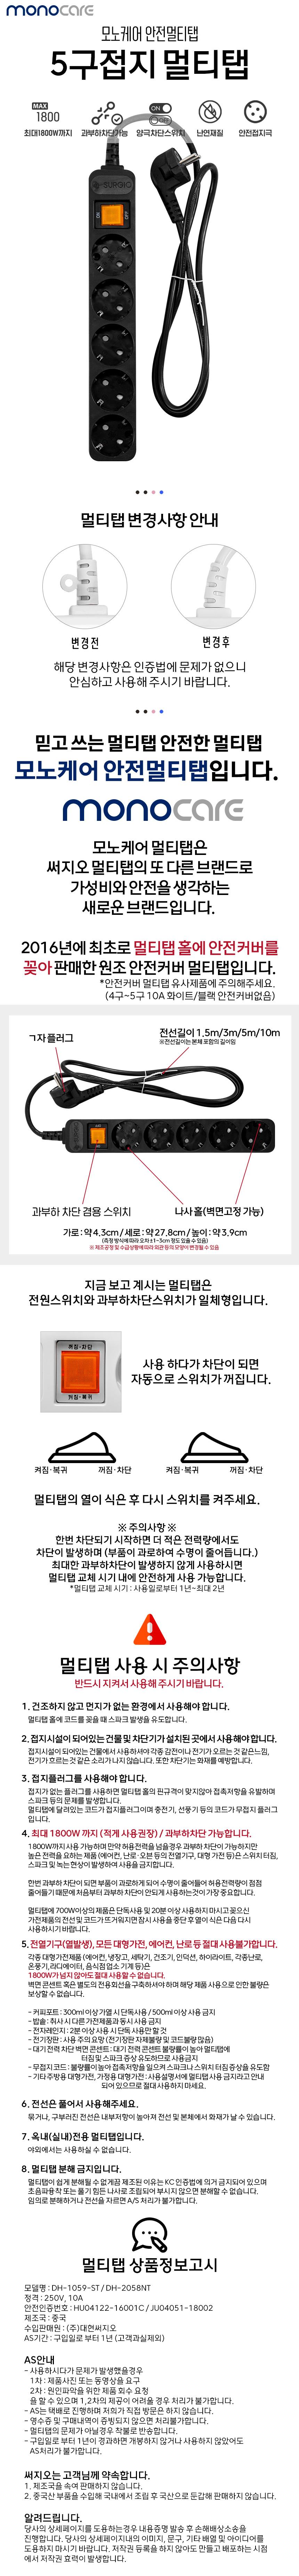 대현써지오 대현써지오 모노케어 5구 10A 메인 스위치 멀티탭 블랙 (3m)